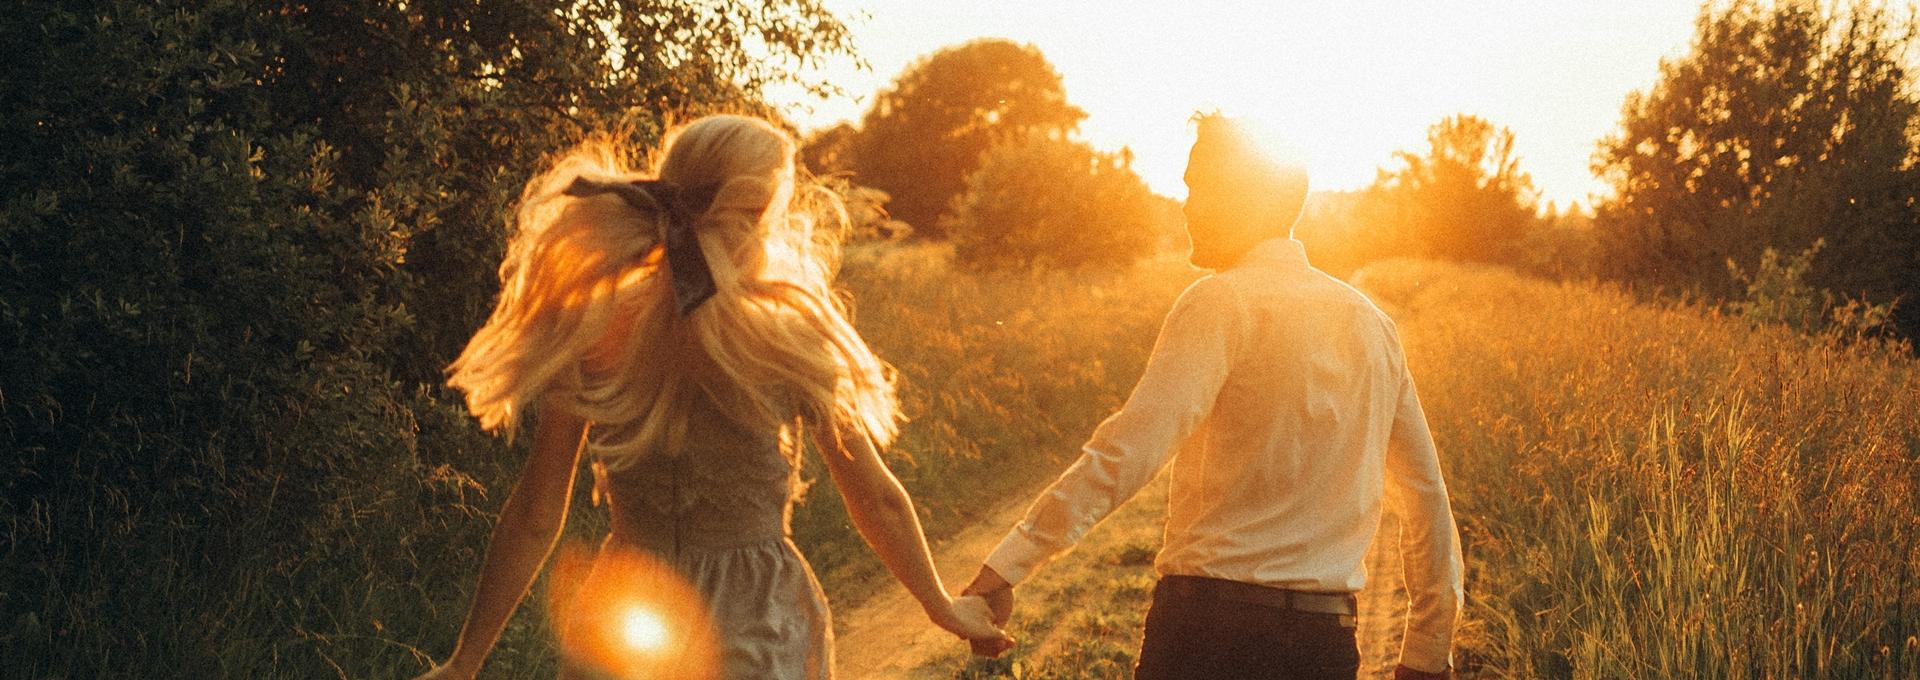 Как наладить отношения с мужем в любой ситуации